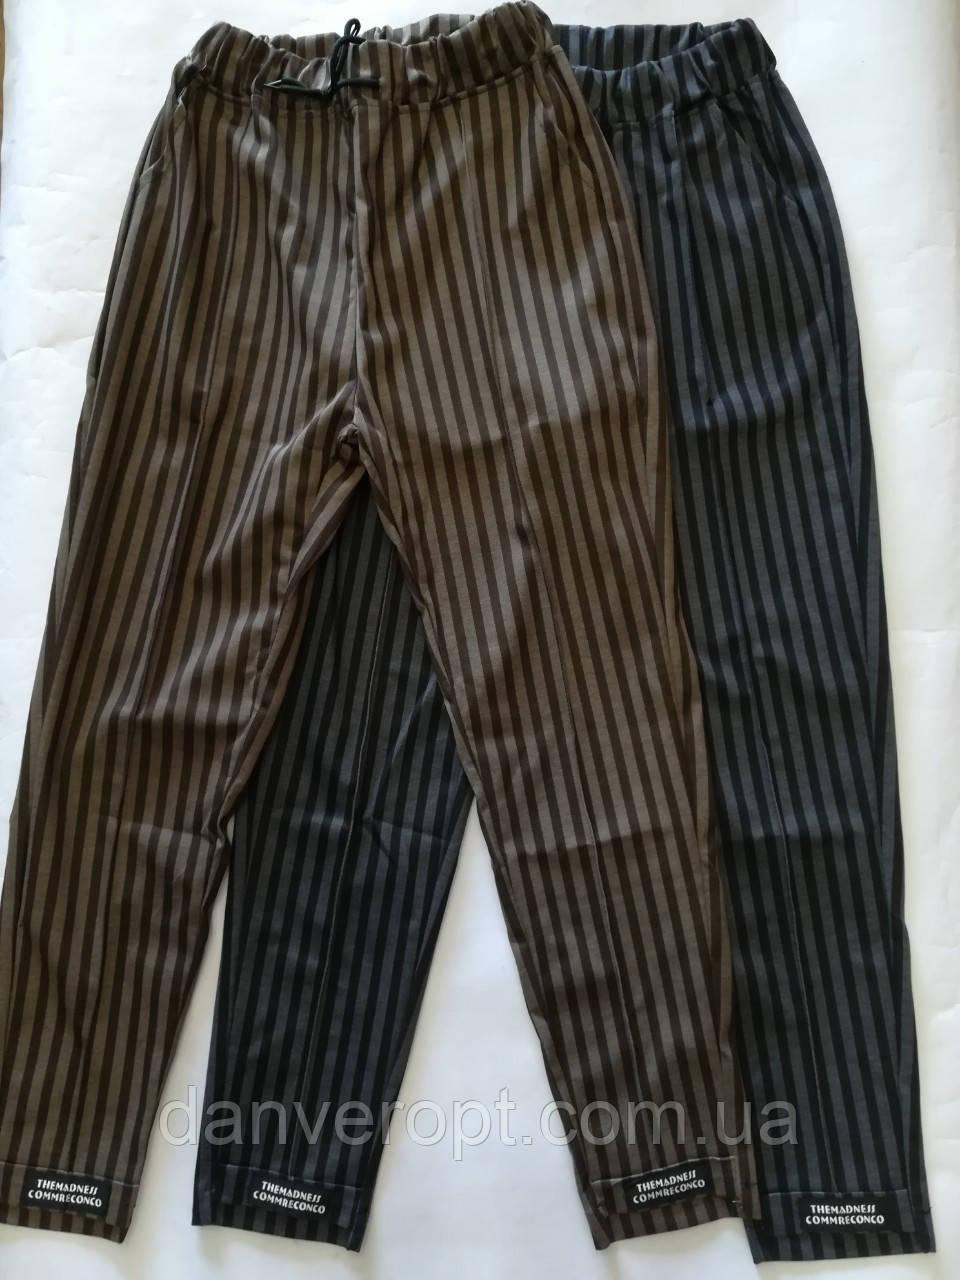 Штаны женские молодёжные в полоску размер M-XL купить оптом со склада 7км Одесса